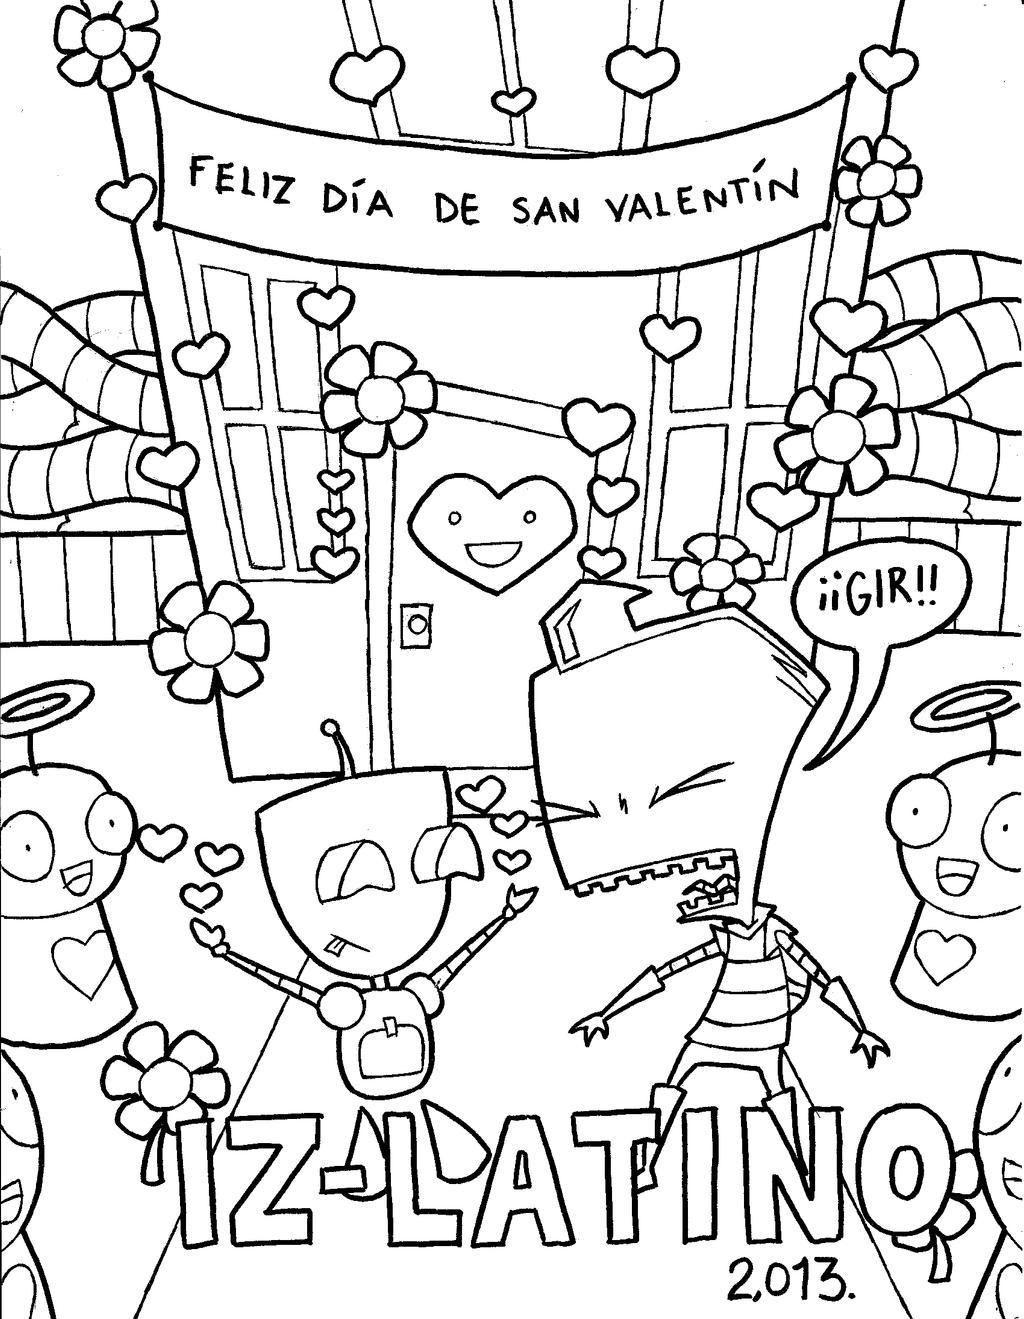 Feliz San Valentin 2013  para IZ Latino by CHICAIRKEN